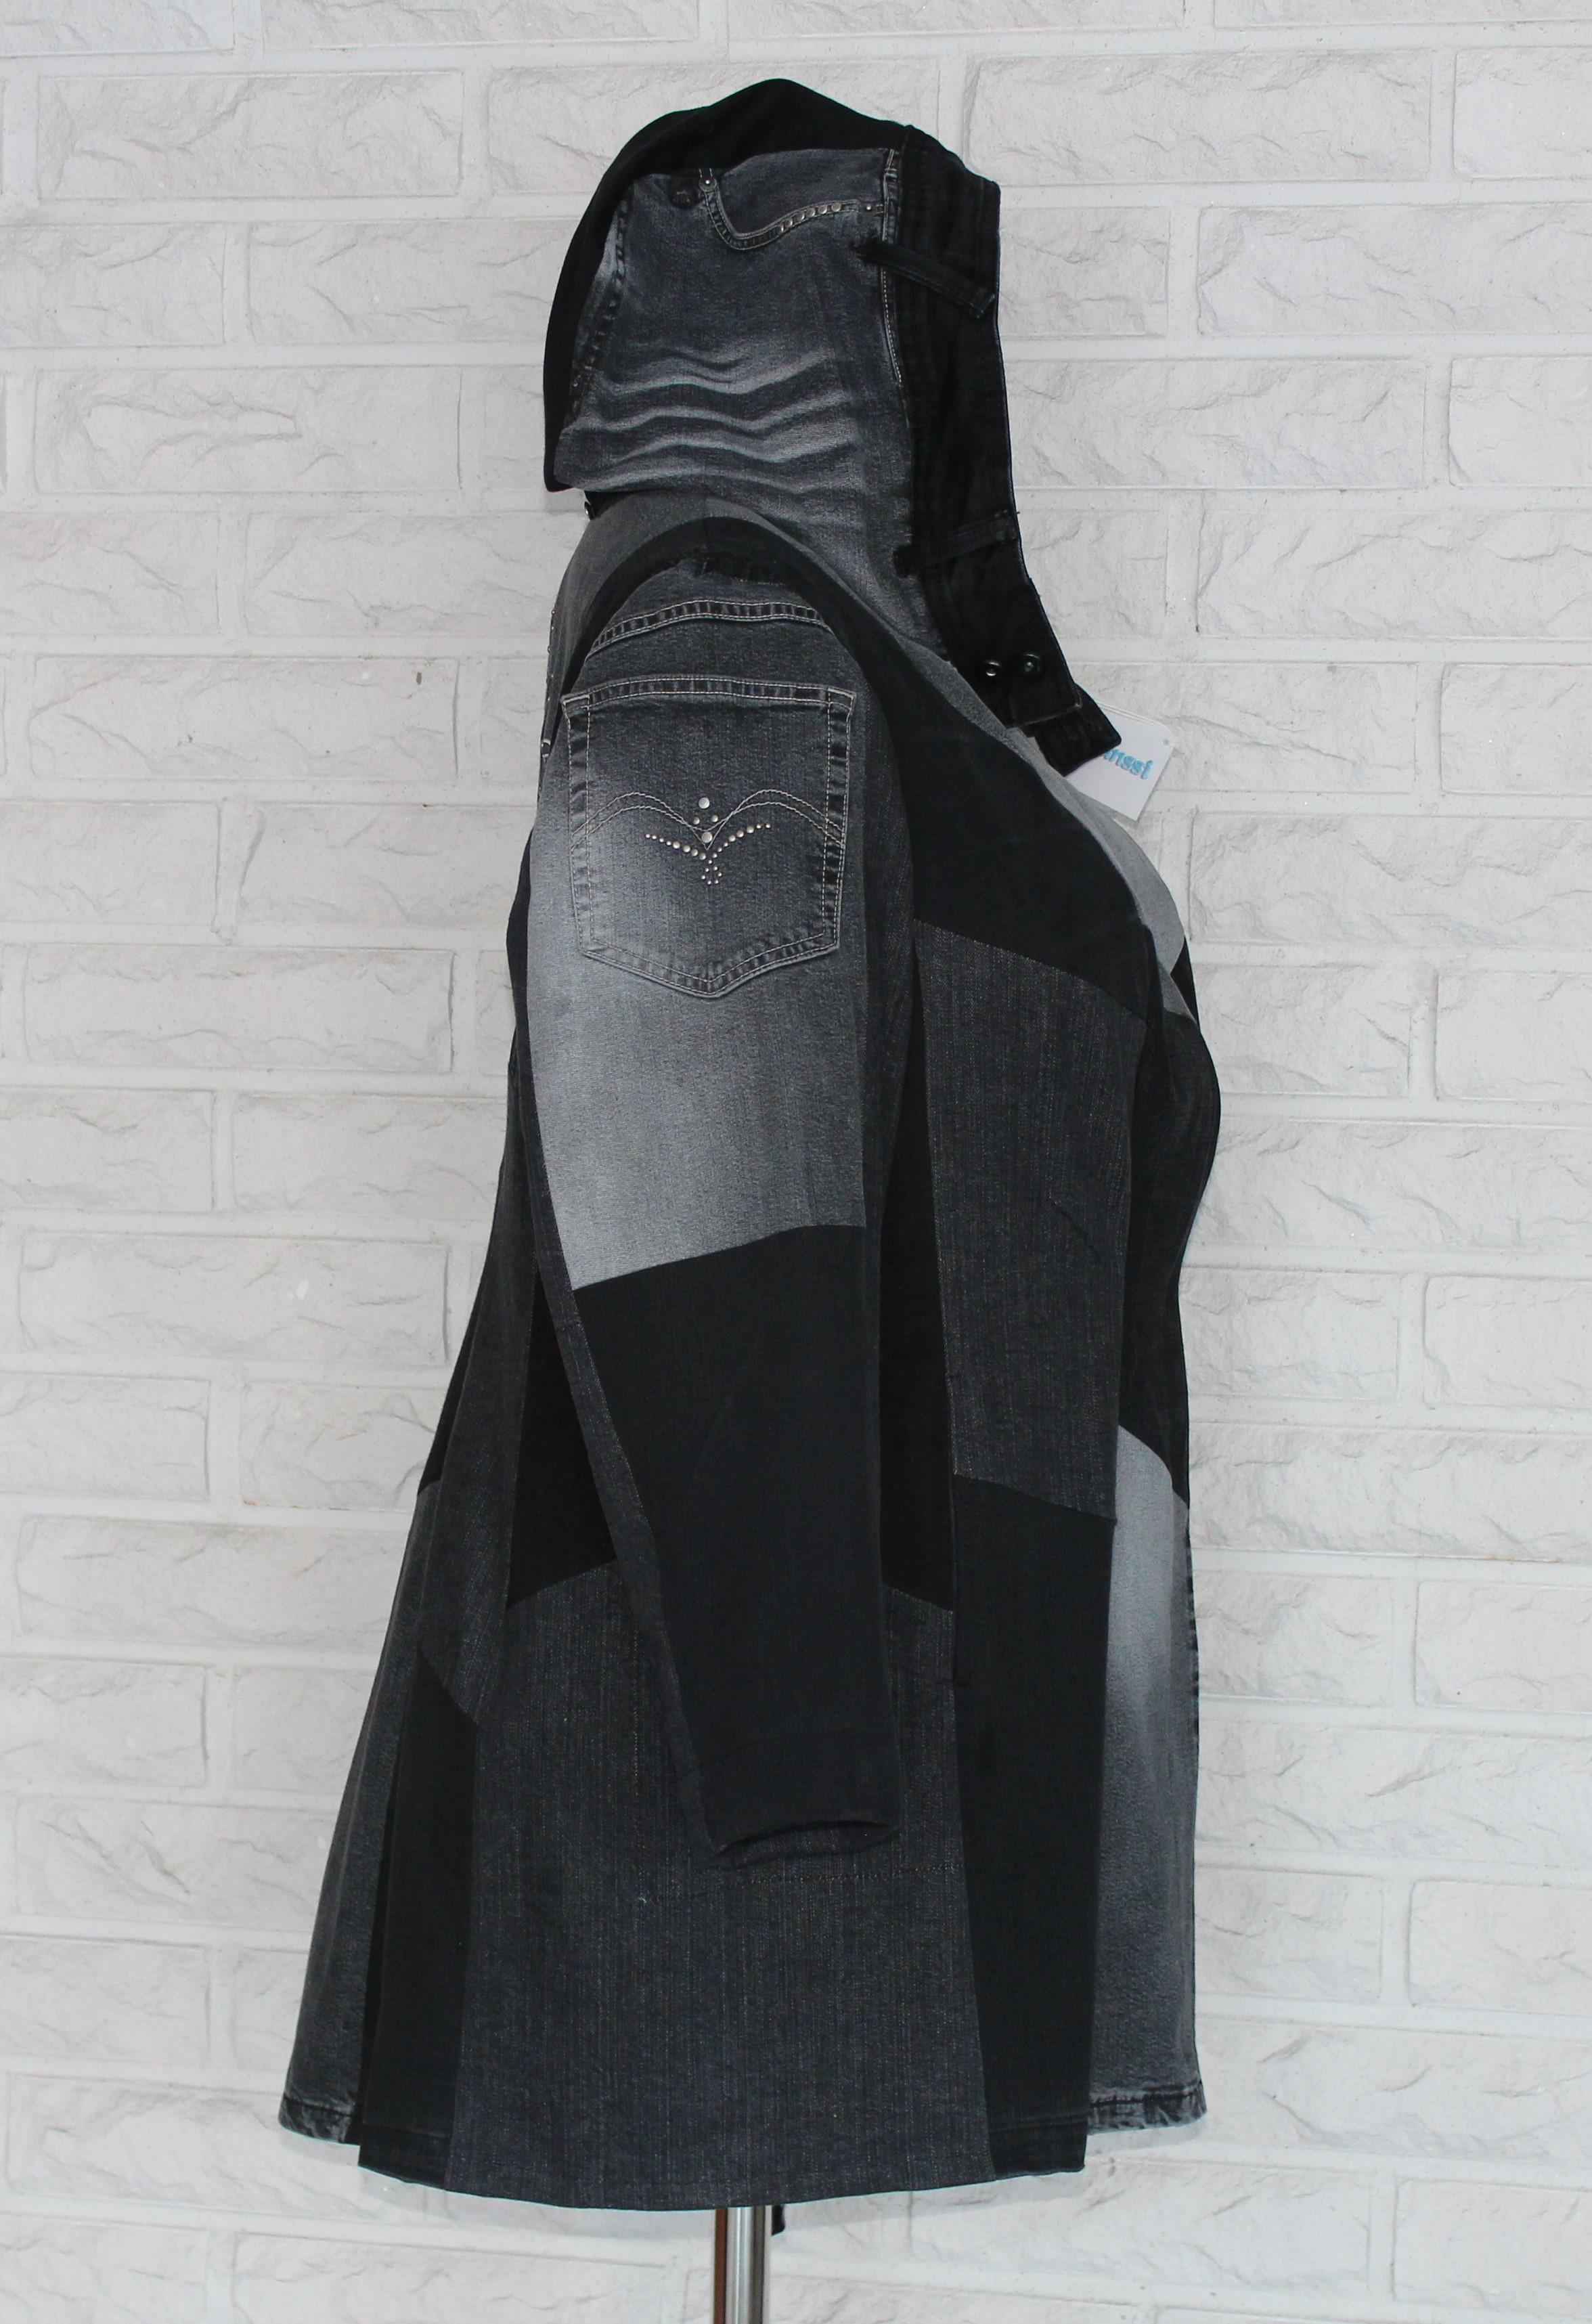 musta-harmaa takki sivu